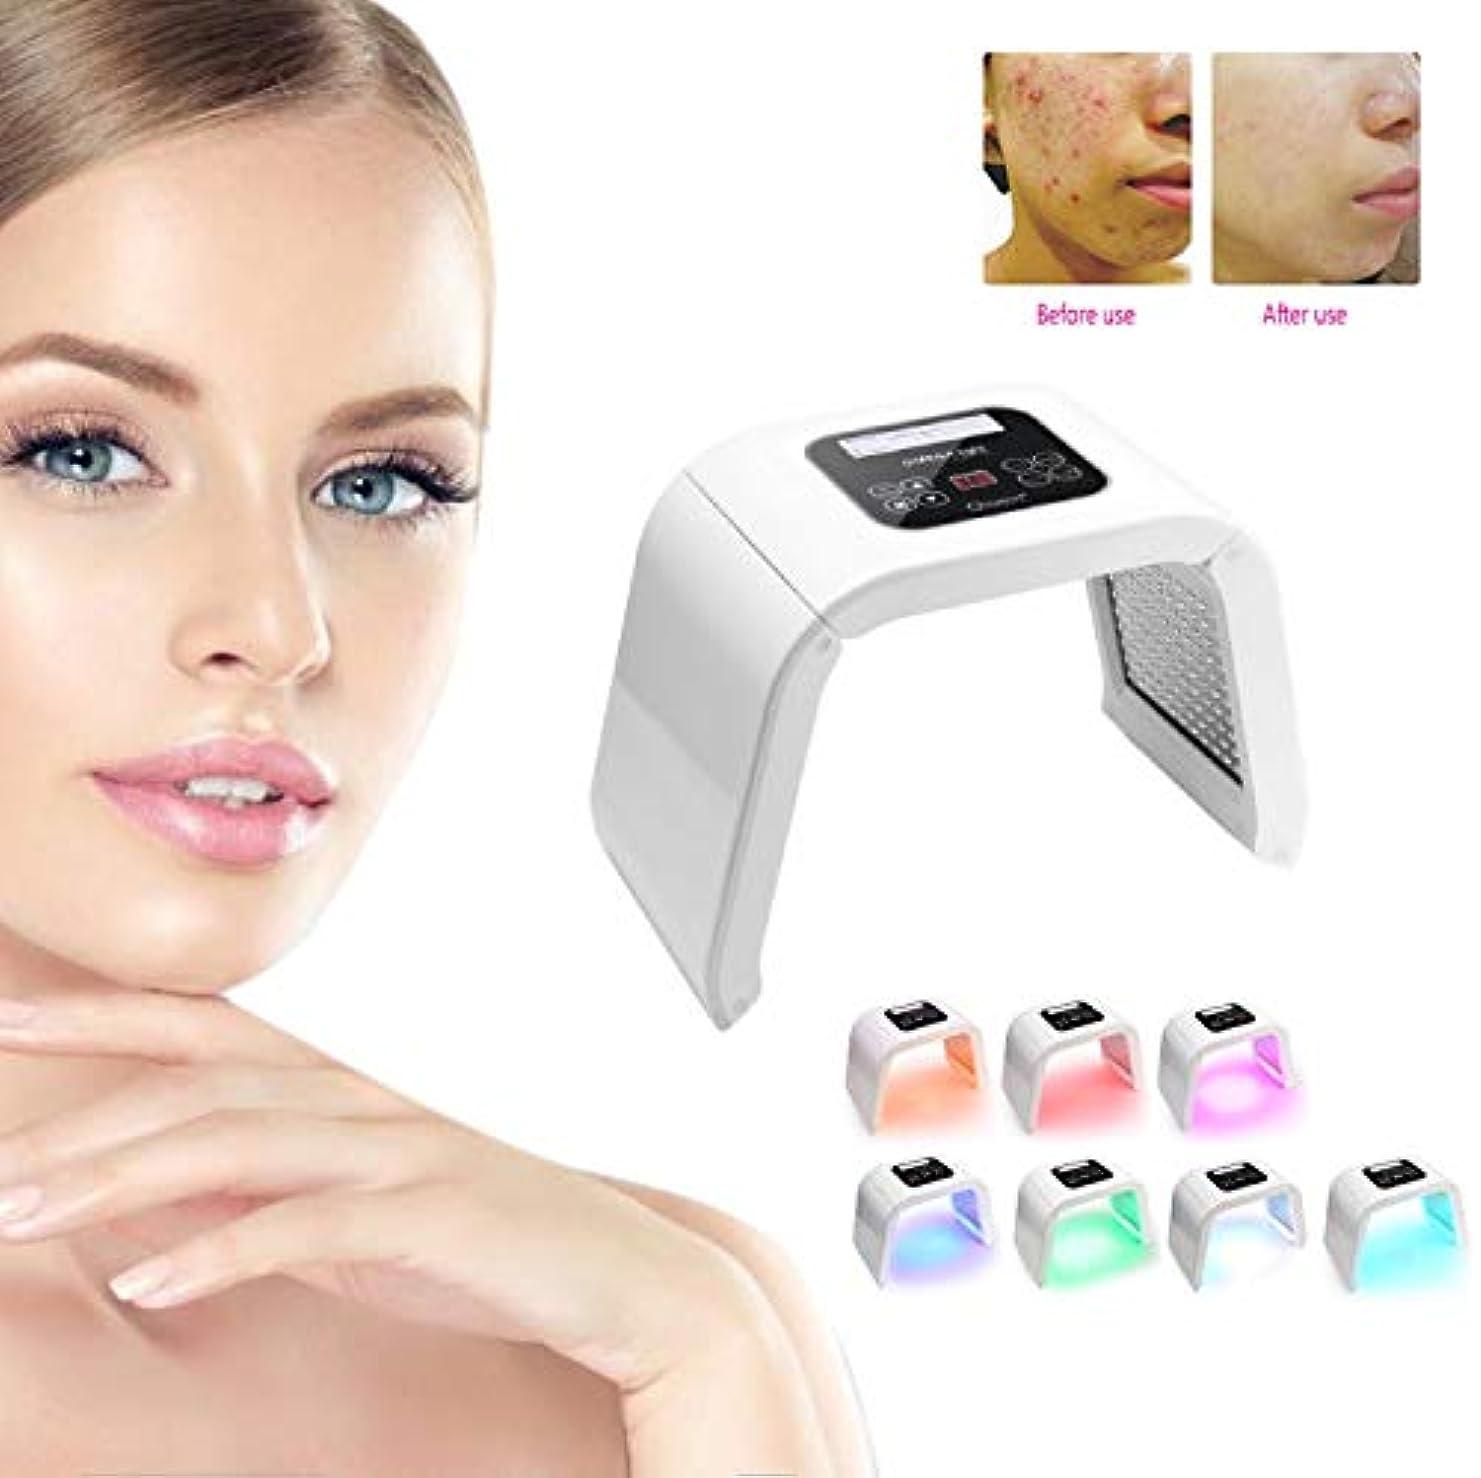 中絶瞑想元の光線力学的顔の皮の若返り機械、PDT 4色LEDライト美ランプのアクネの処置のスキンケア機械顔機械(US), 7色PDT LEDライト美容光線力学ランプにきび治療肌の若返りマシン米国